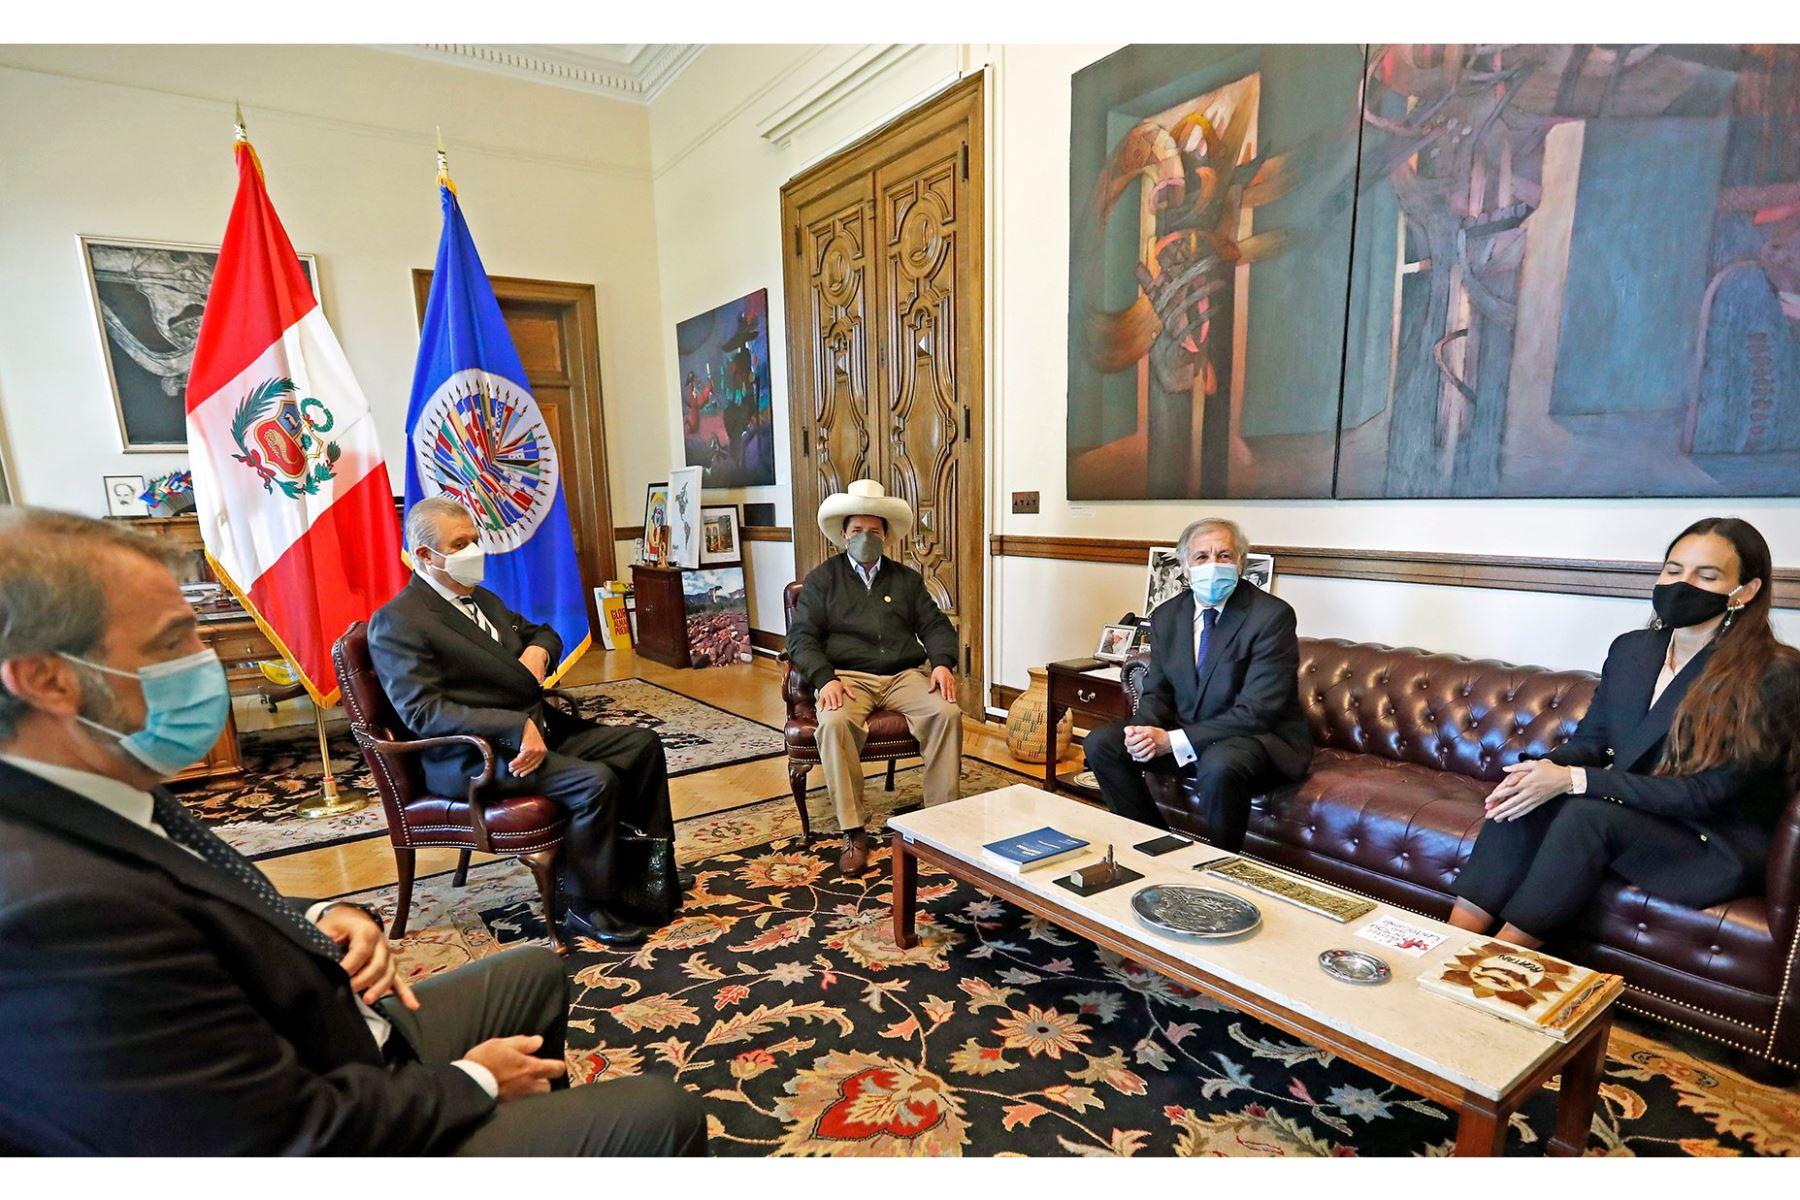 El presidente Pedro Castillo, recibió el saludo protocolar del secretario general de la OEA Luis Almagro, en el encuentro estuvo presente el canciller Oscar Maúrtua y el representante permanente del Perú ante la OEA, Harold Forsyth. Foto: ANDINA/Prensa Presidencia